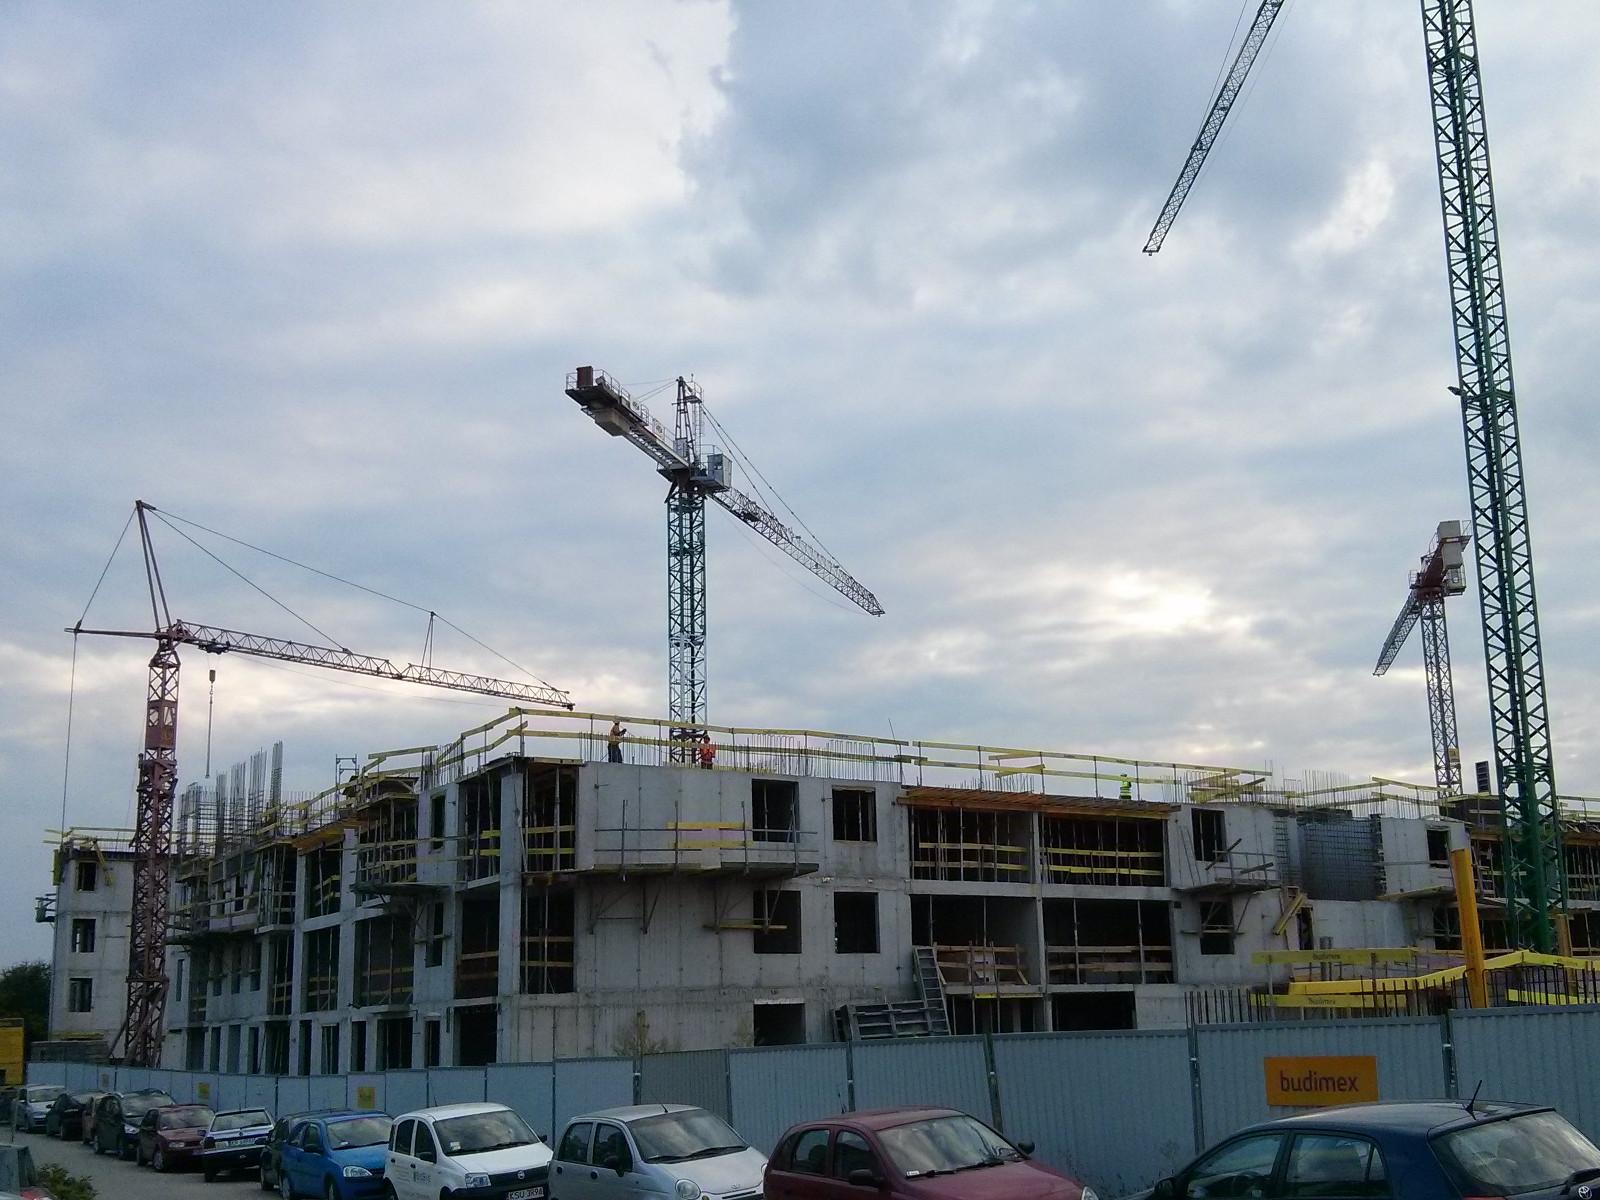 Osiedle Avia 5 - Budimex stawia kolejne piętra inwestycji mieszkaniowej